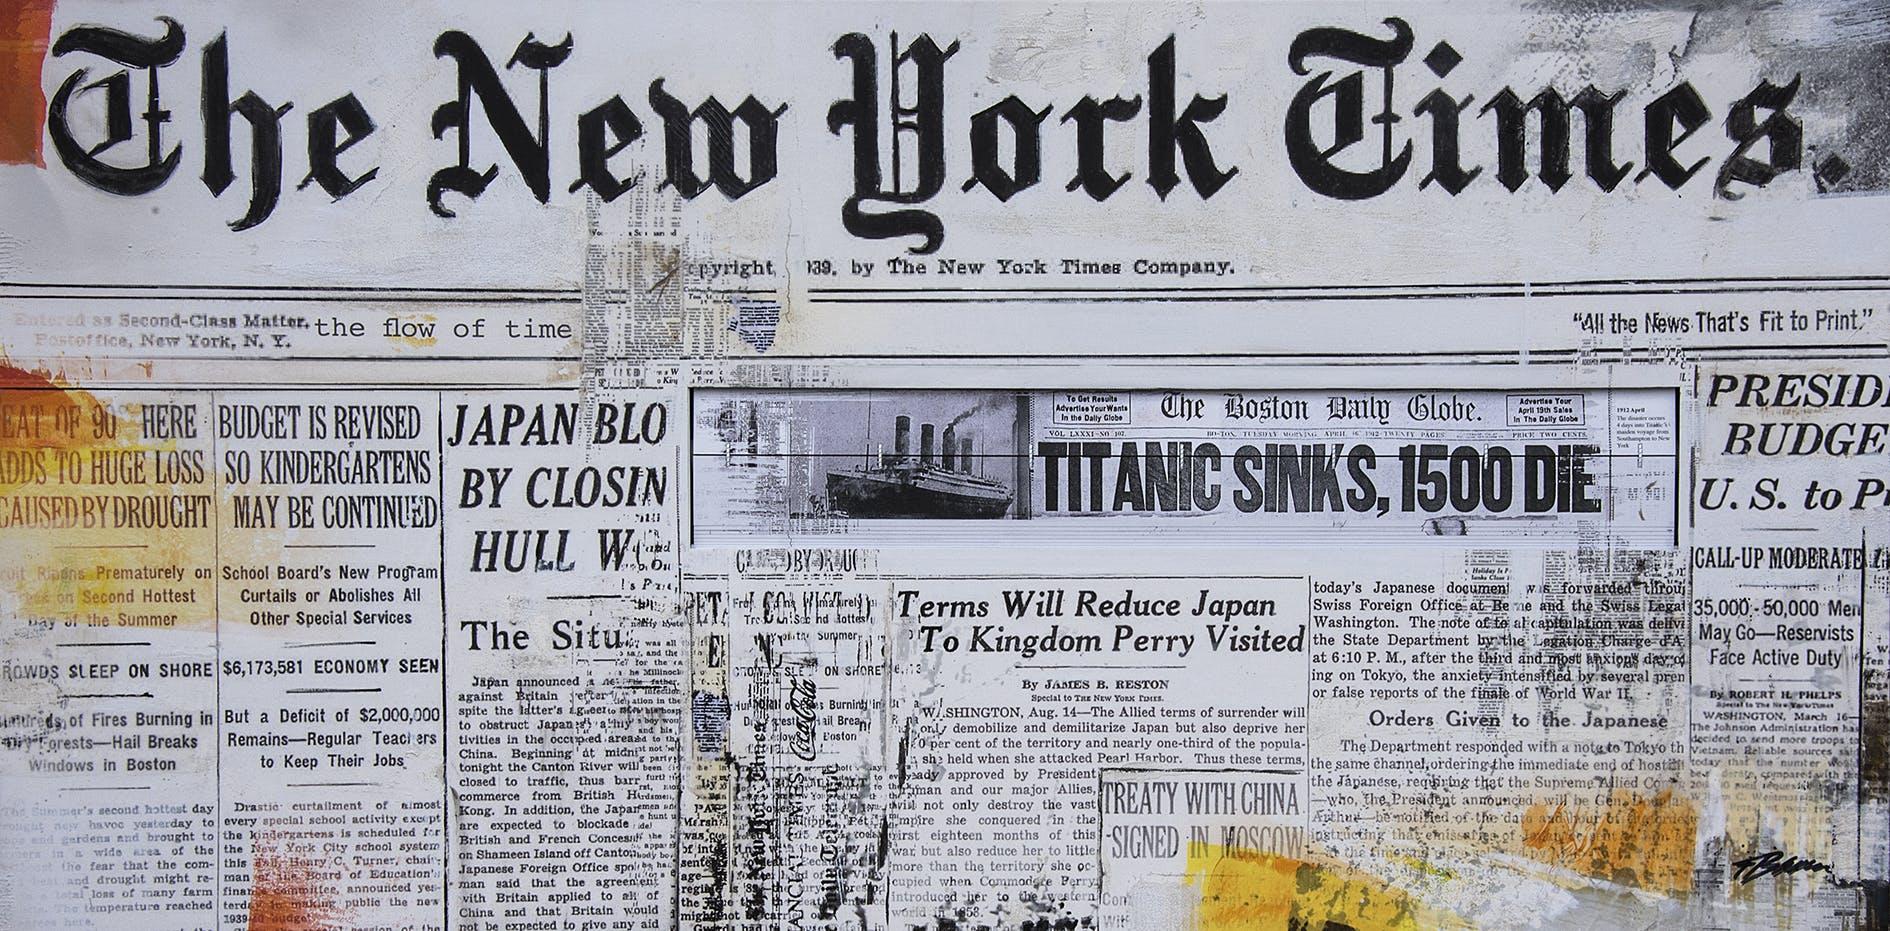 The New York Timea